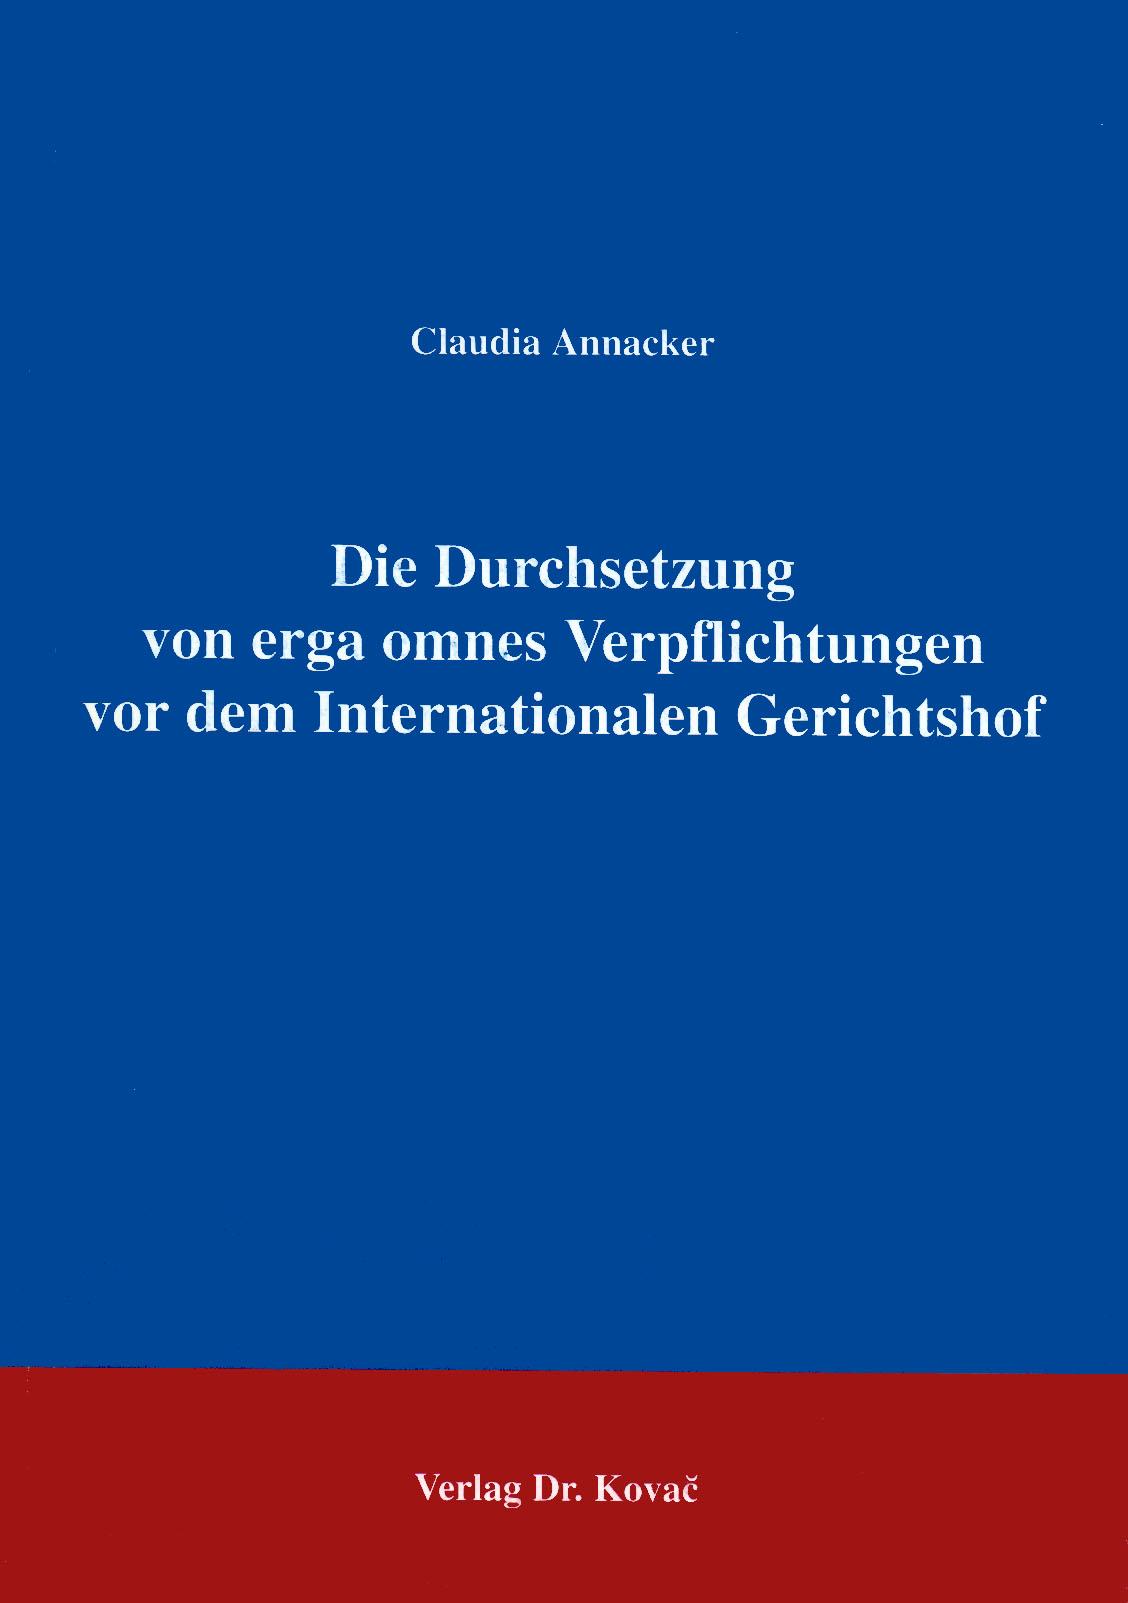 Cover: Die Durchsetzung von erga omnes Verpflichtungen vor dem Internationalen Gerichtshof